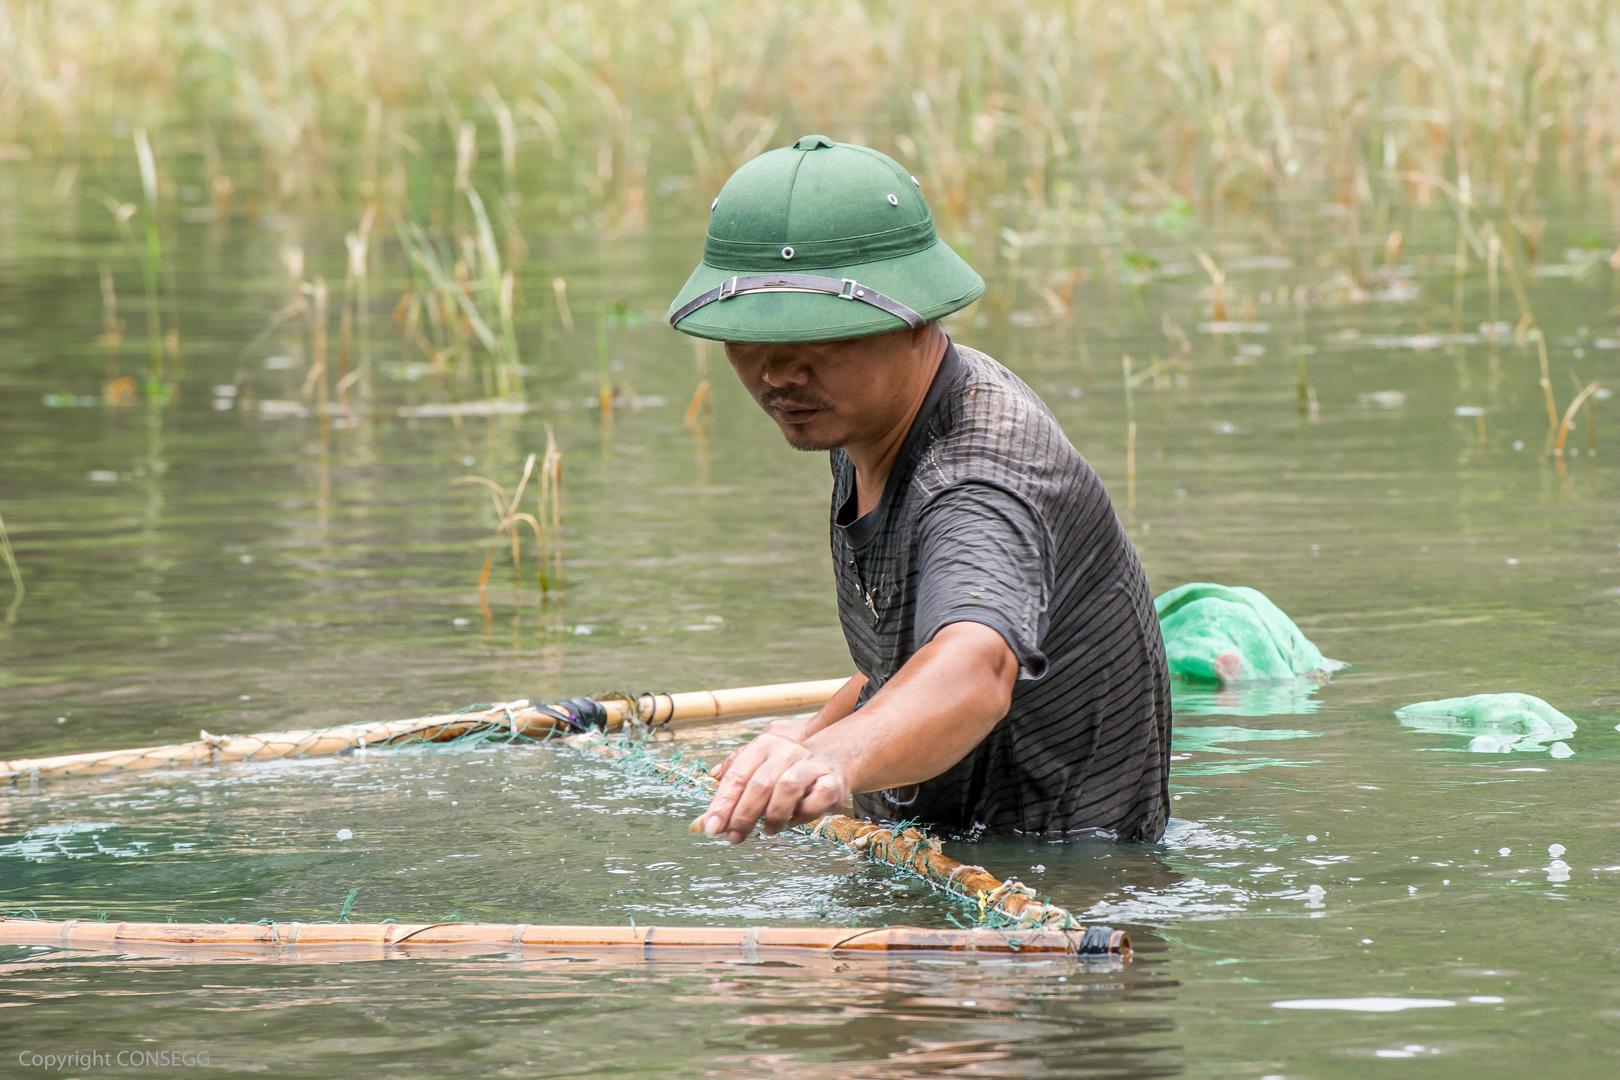 Fischzucht in Vietnam